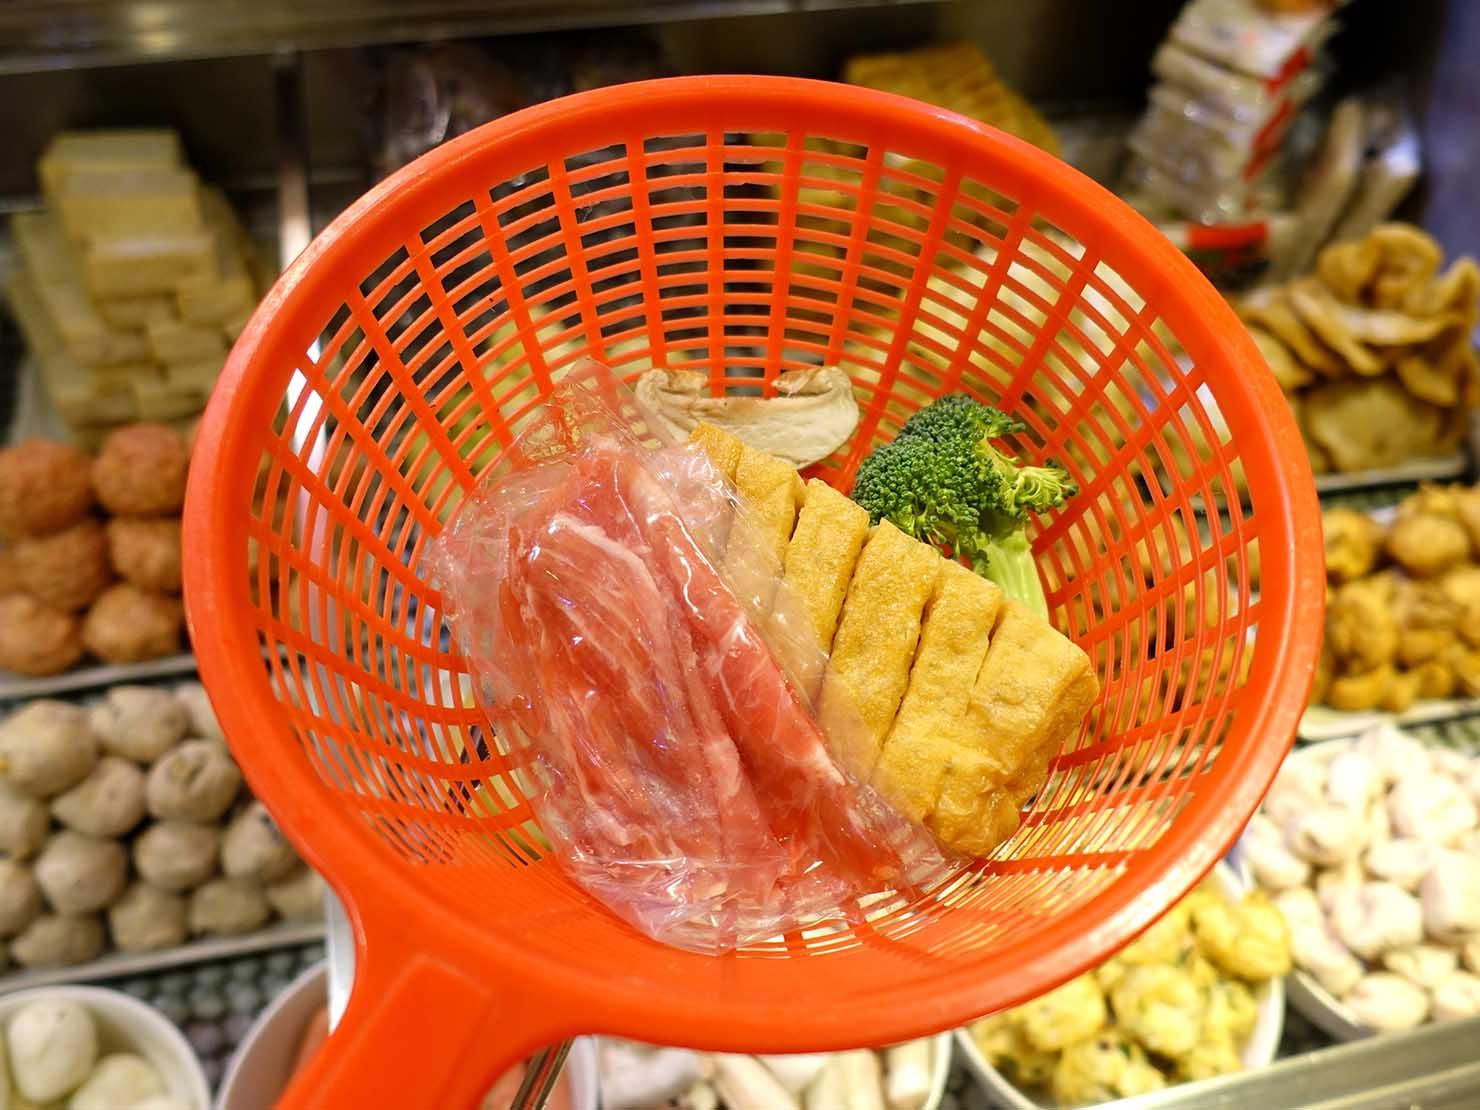 台北101エリア・市政府駅周辺のおすすめ台湾グルメ「清菜滷」で食材選び